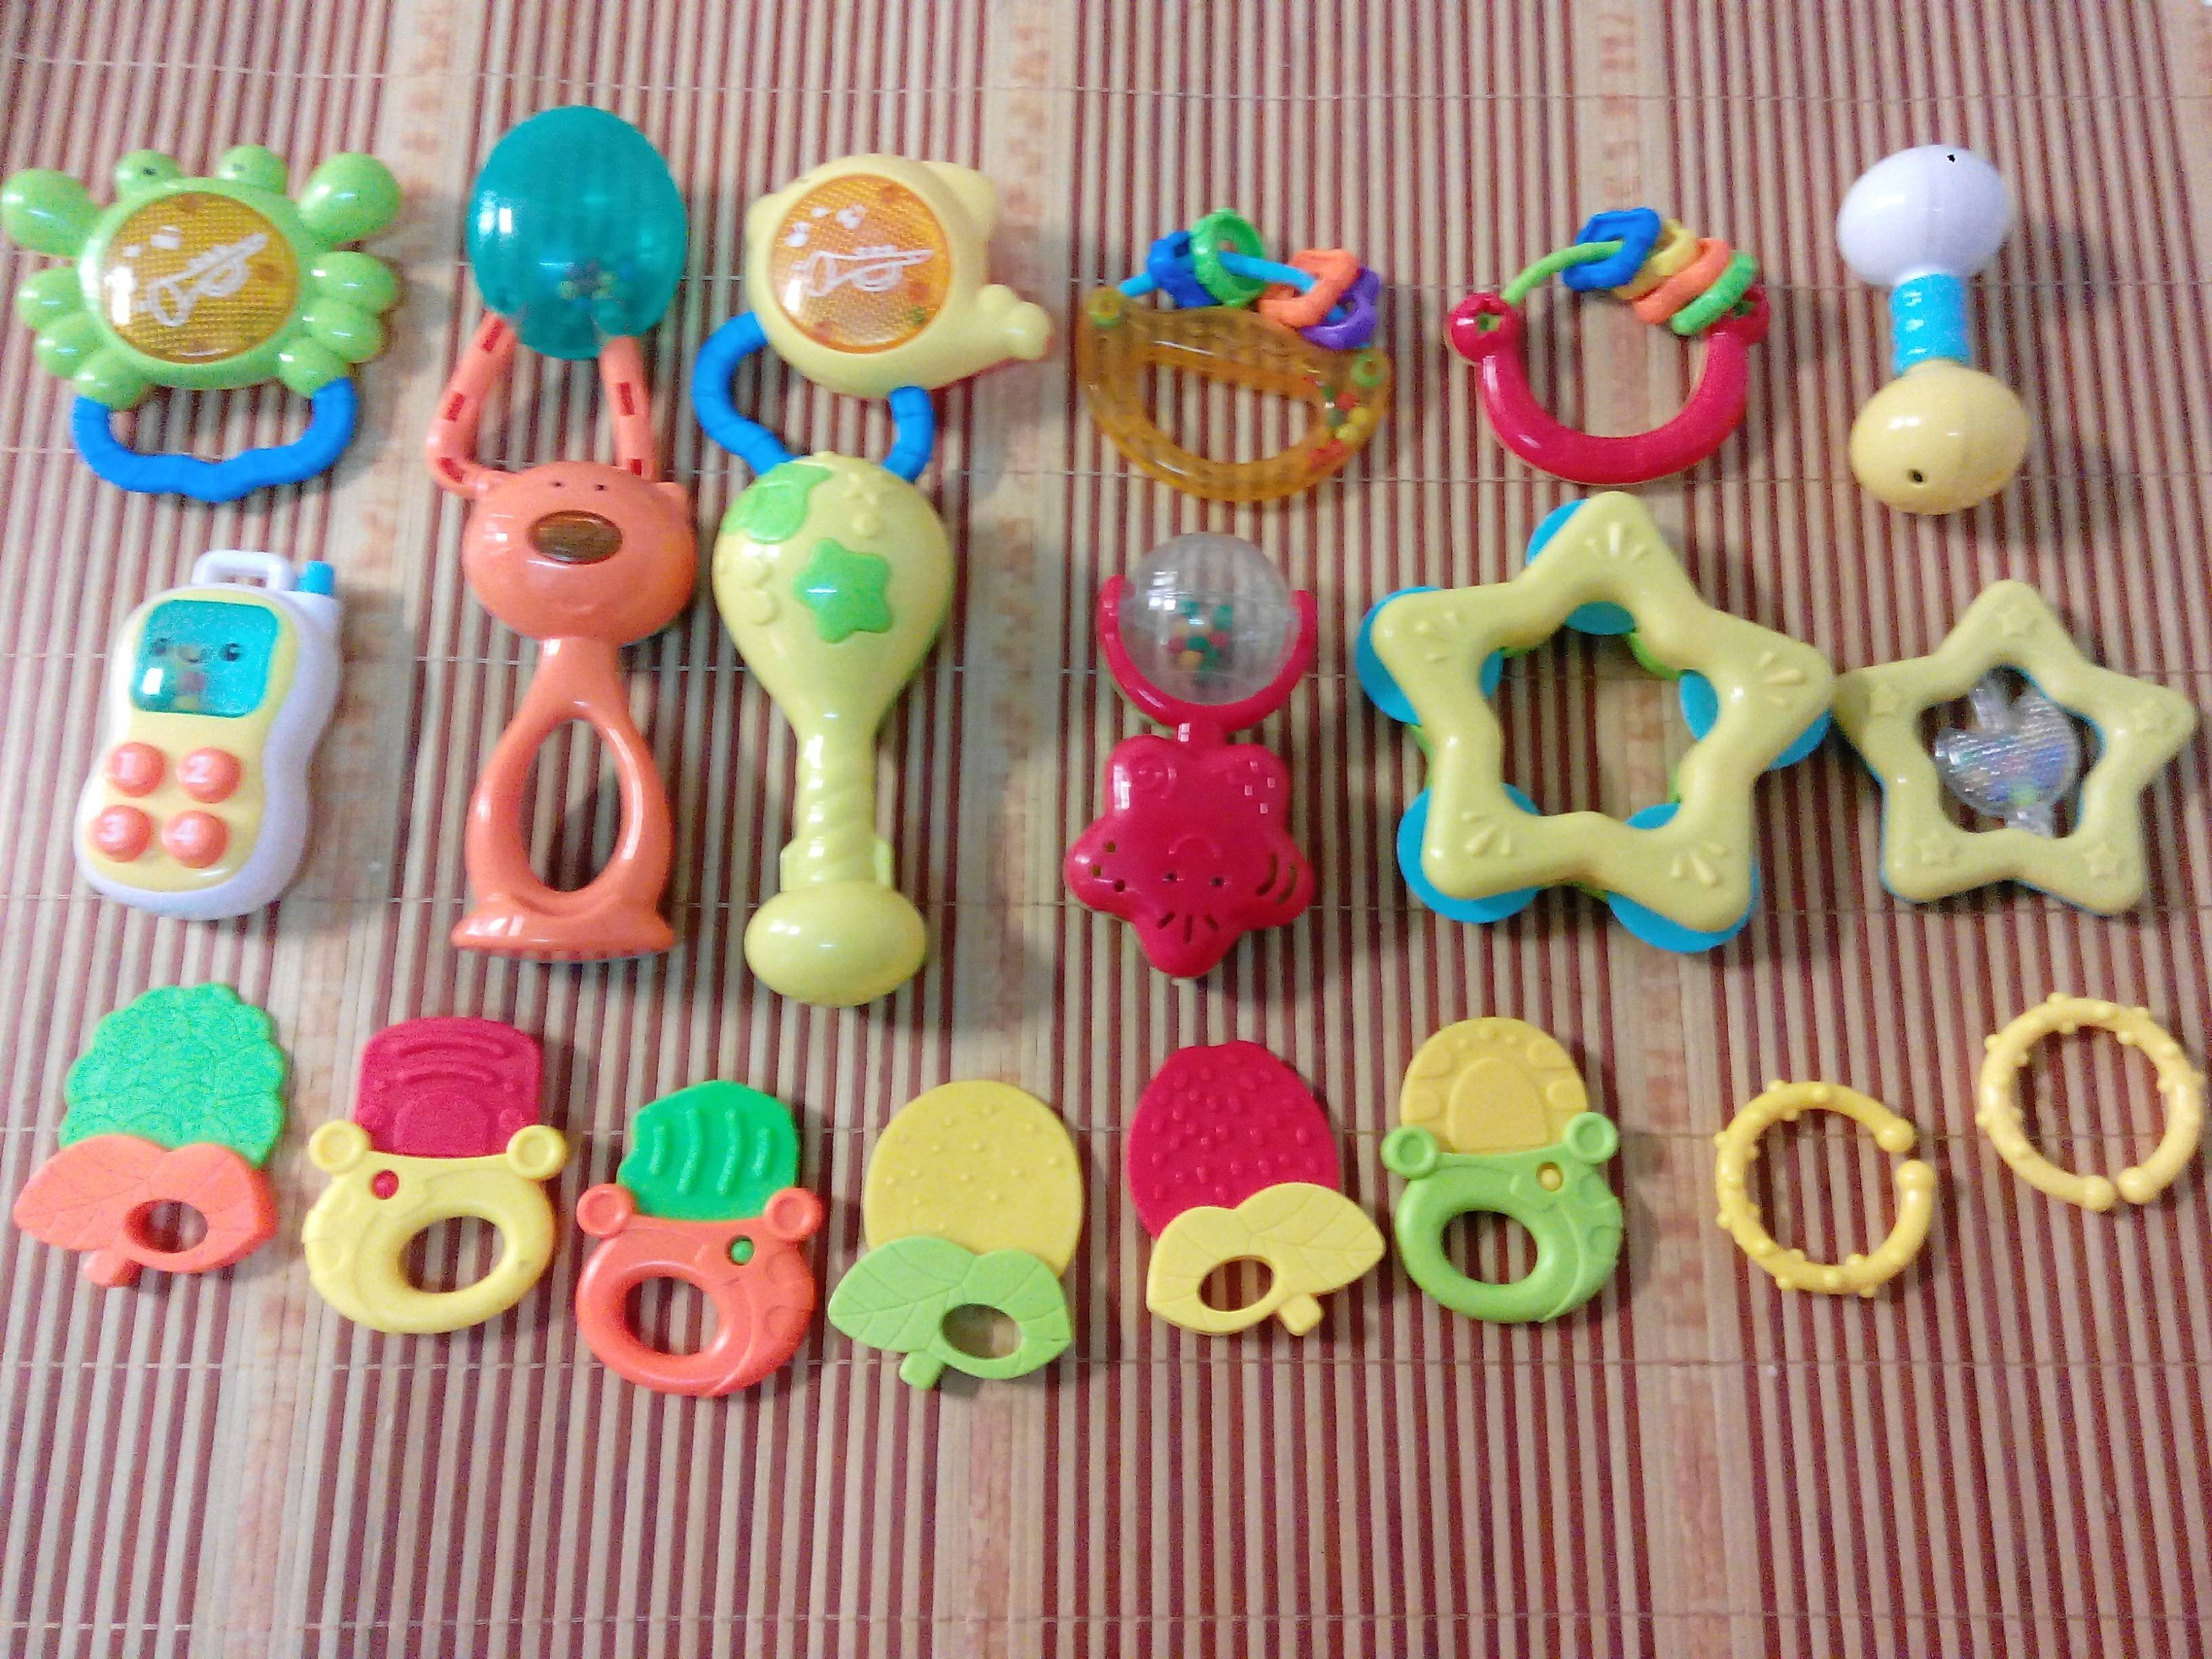 幼儿玩具名称大全图片